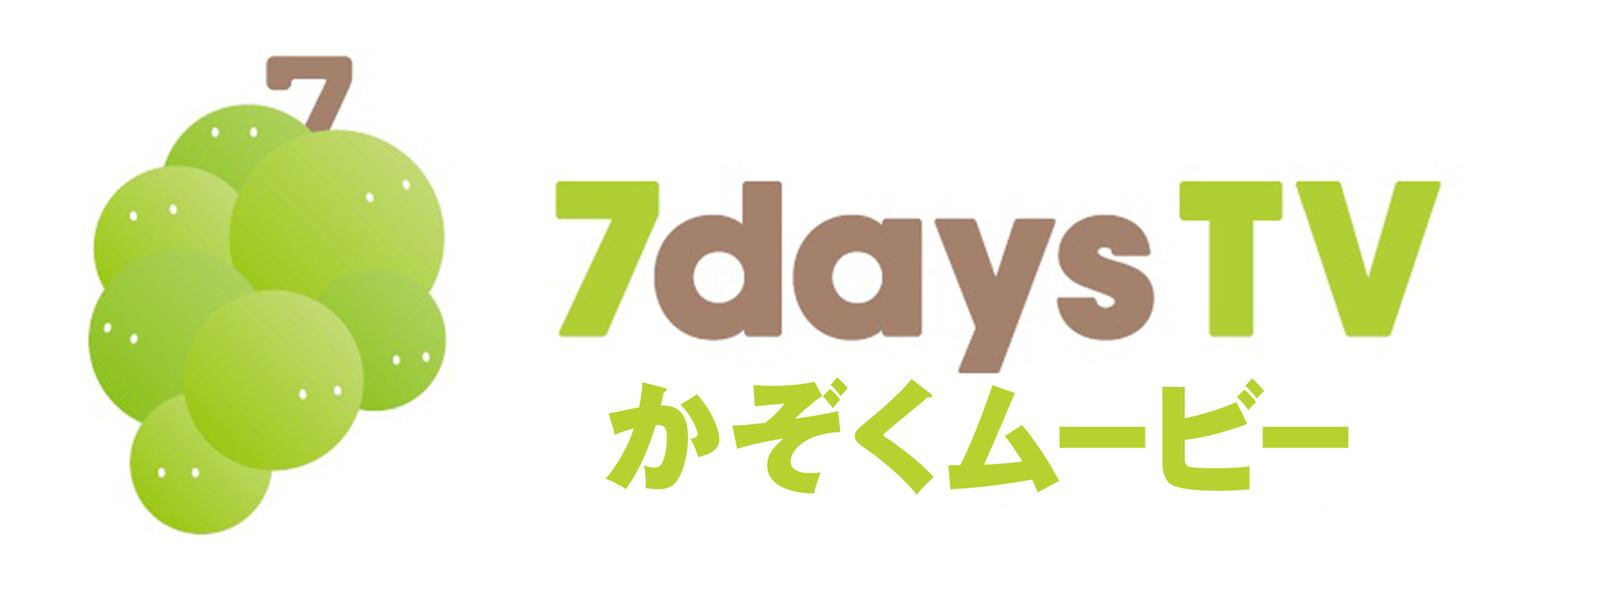 7daysTV × ZIP! かぞくムービーの動画 - やまがたZIP!